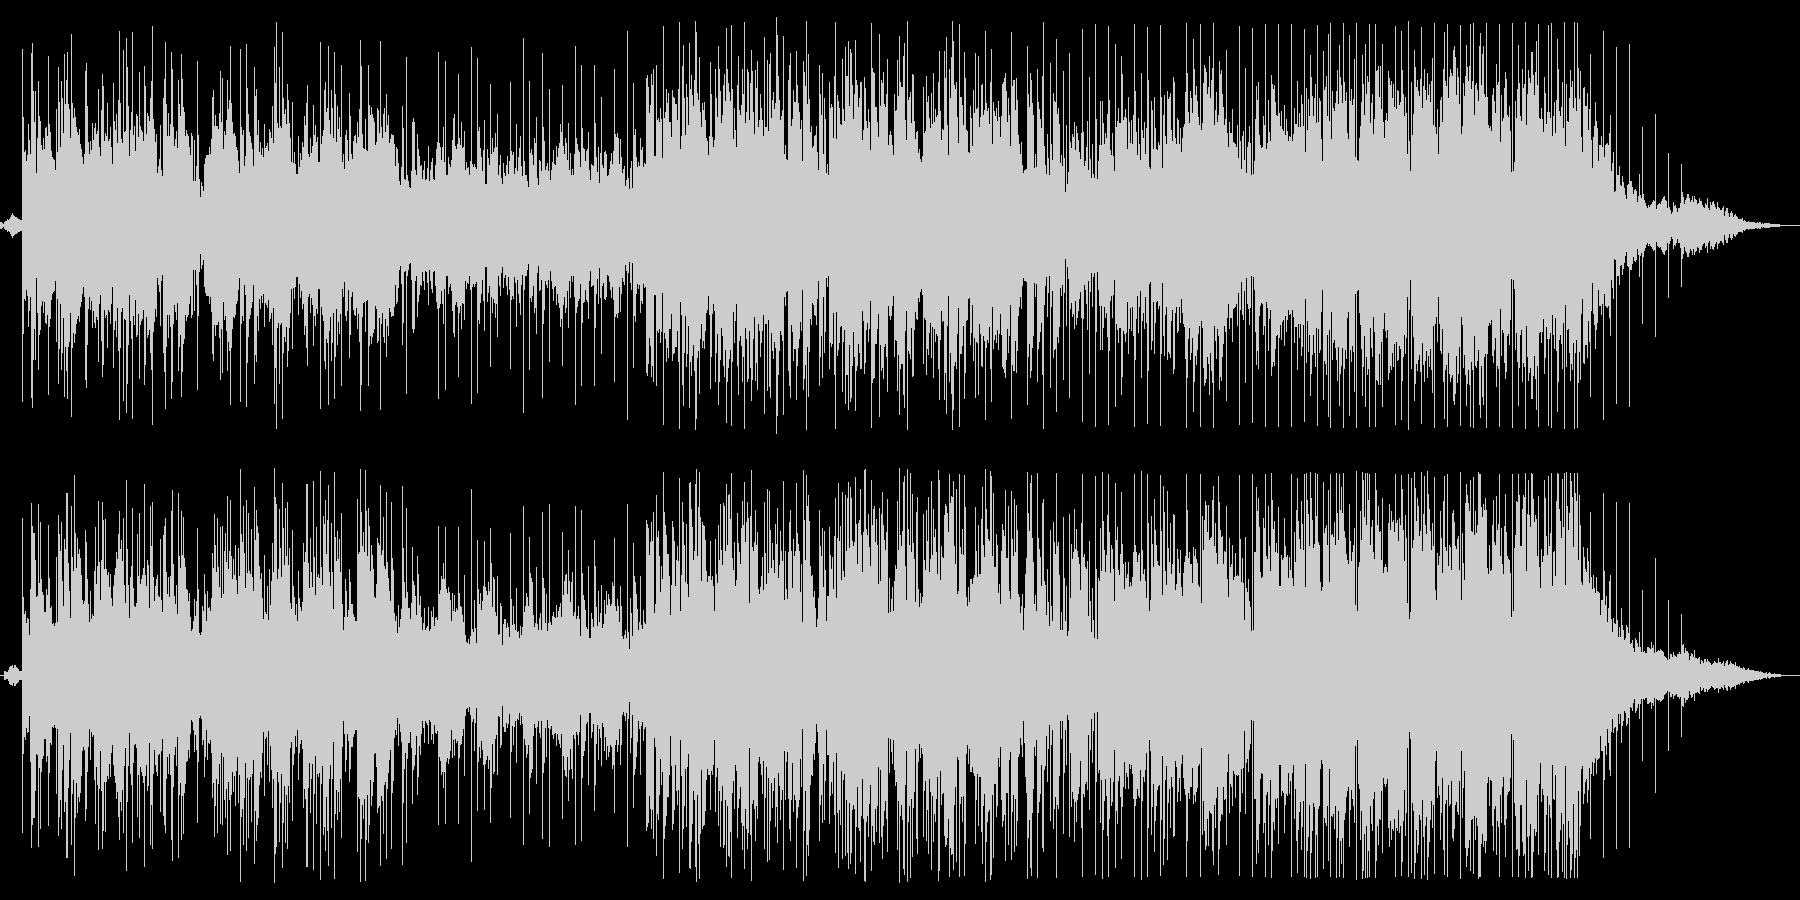 明るいピアノメロディーの滑らかなサウンドの未再生の波形